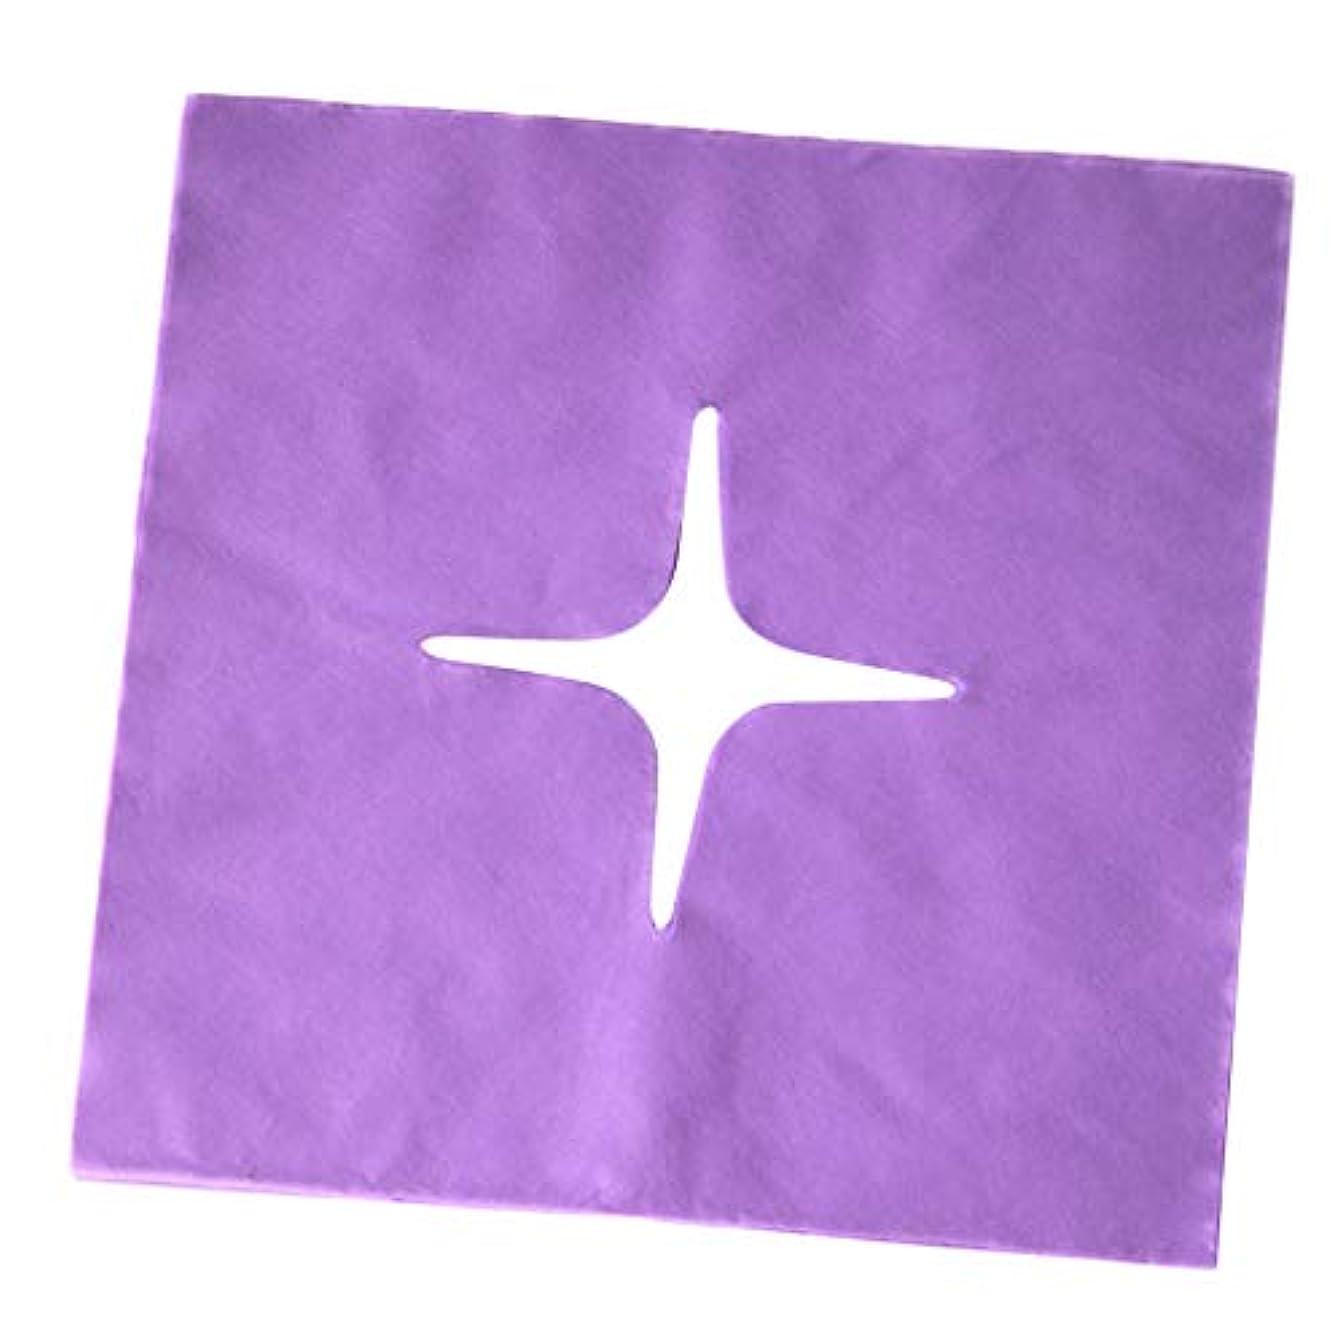 腐敗したやさしく荒野マッサージ フェイスクレードルカバー スパ用 美容院 ビューティーサロン マッサージサロン 全3色 - 紫の